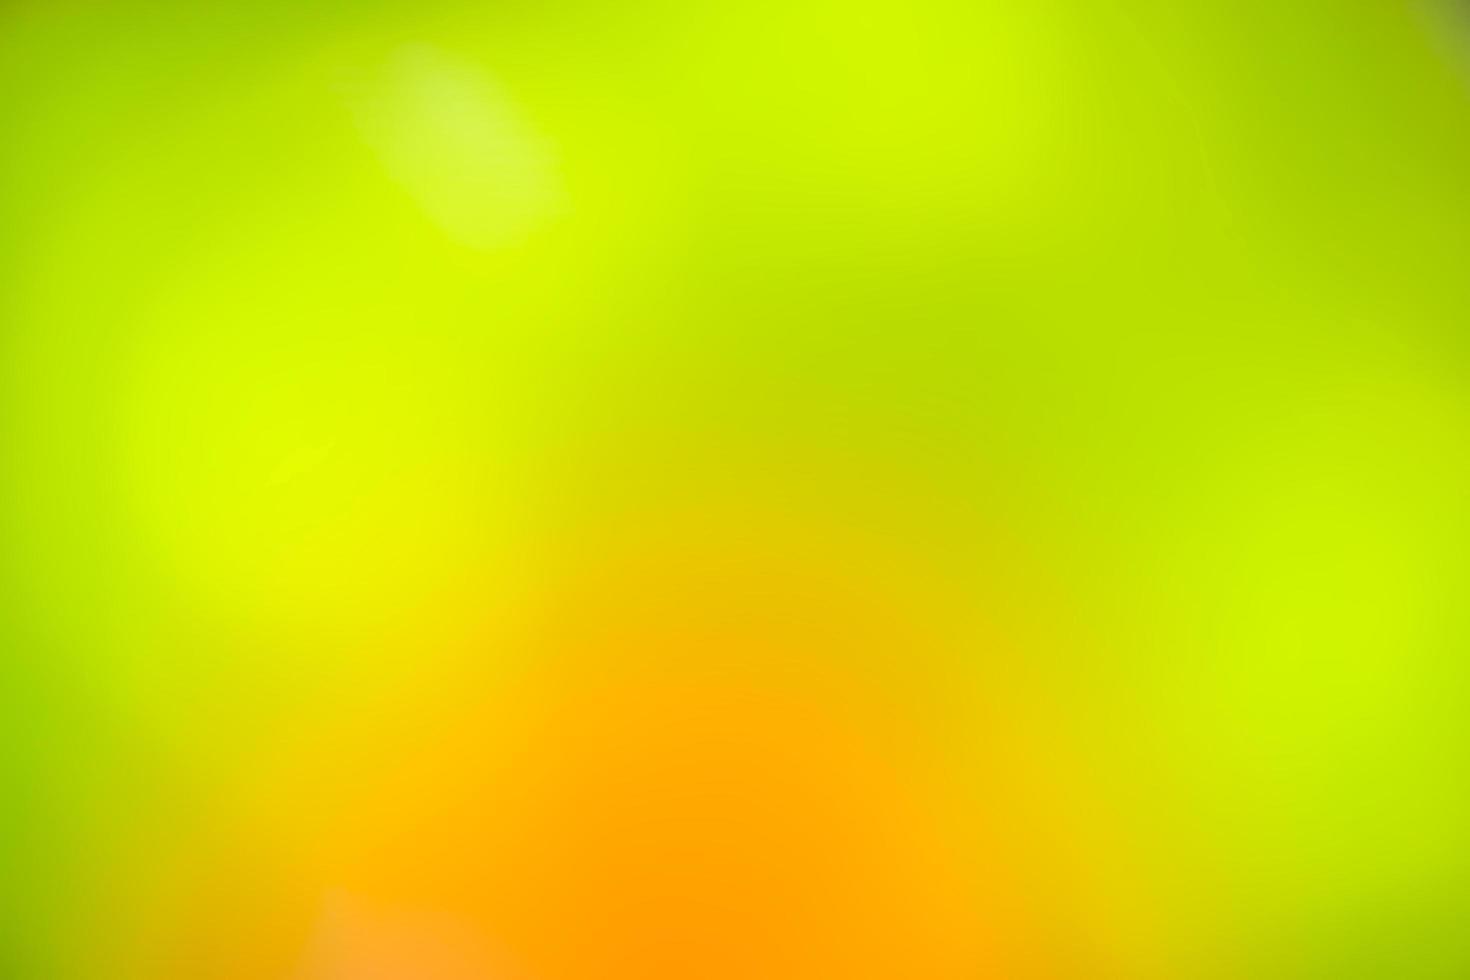 fondo borroso colorido foto